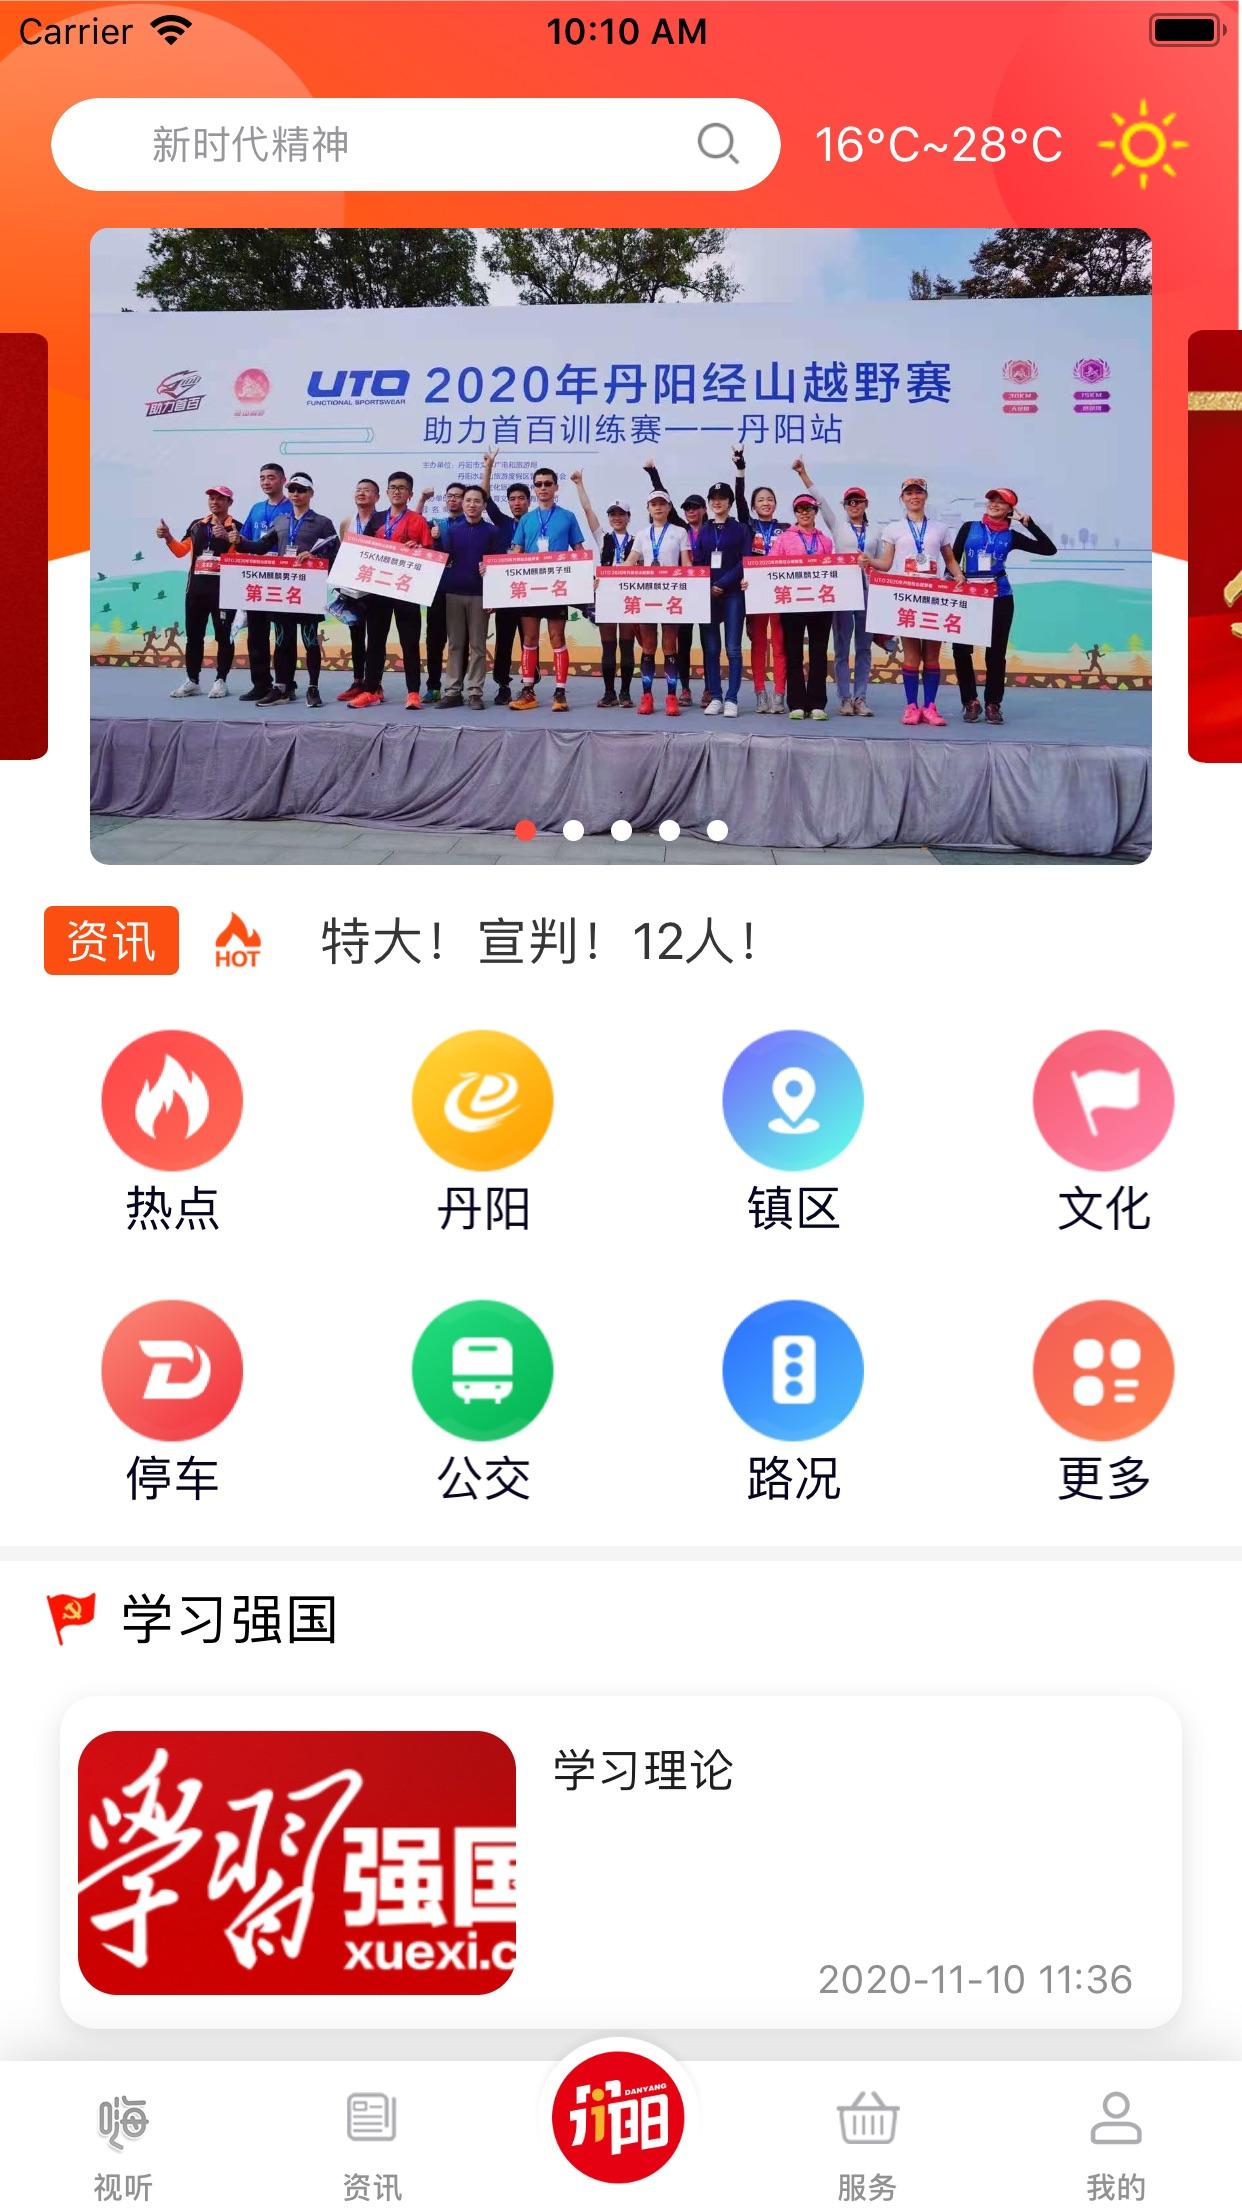 我的丹阳app官方客户端图1: